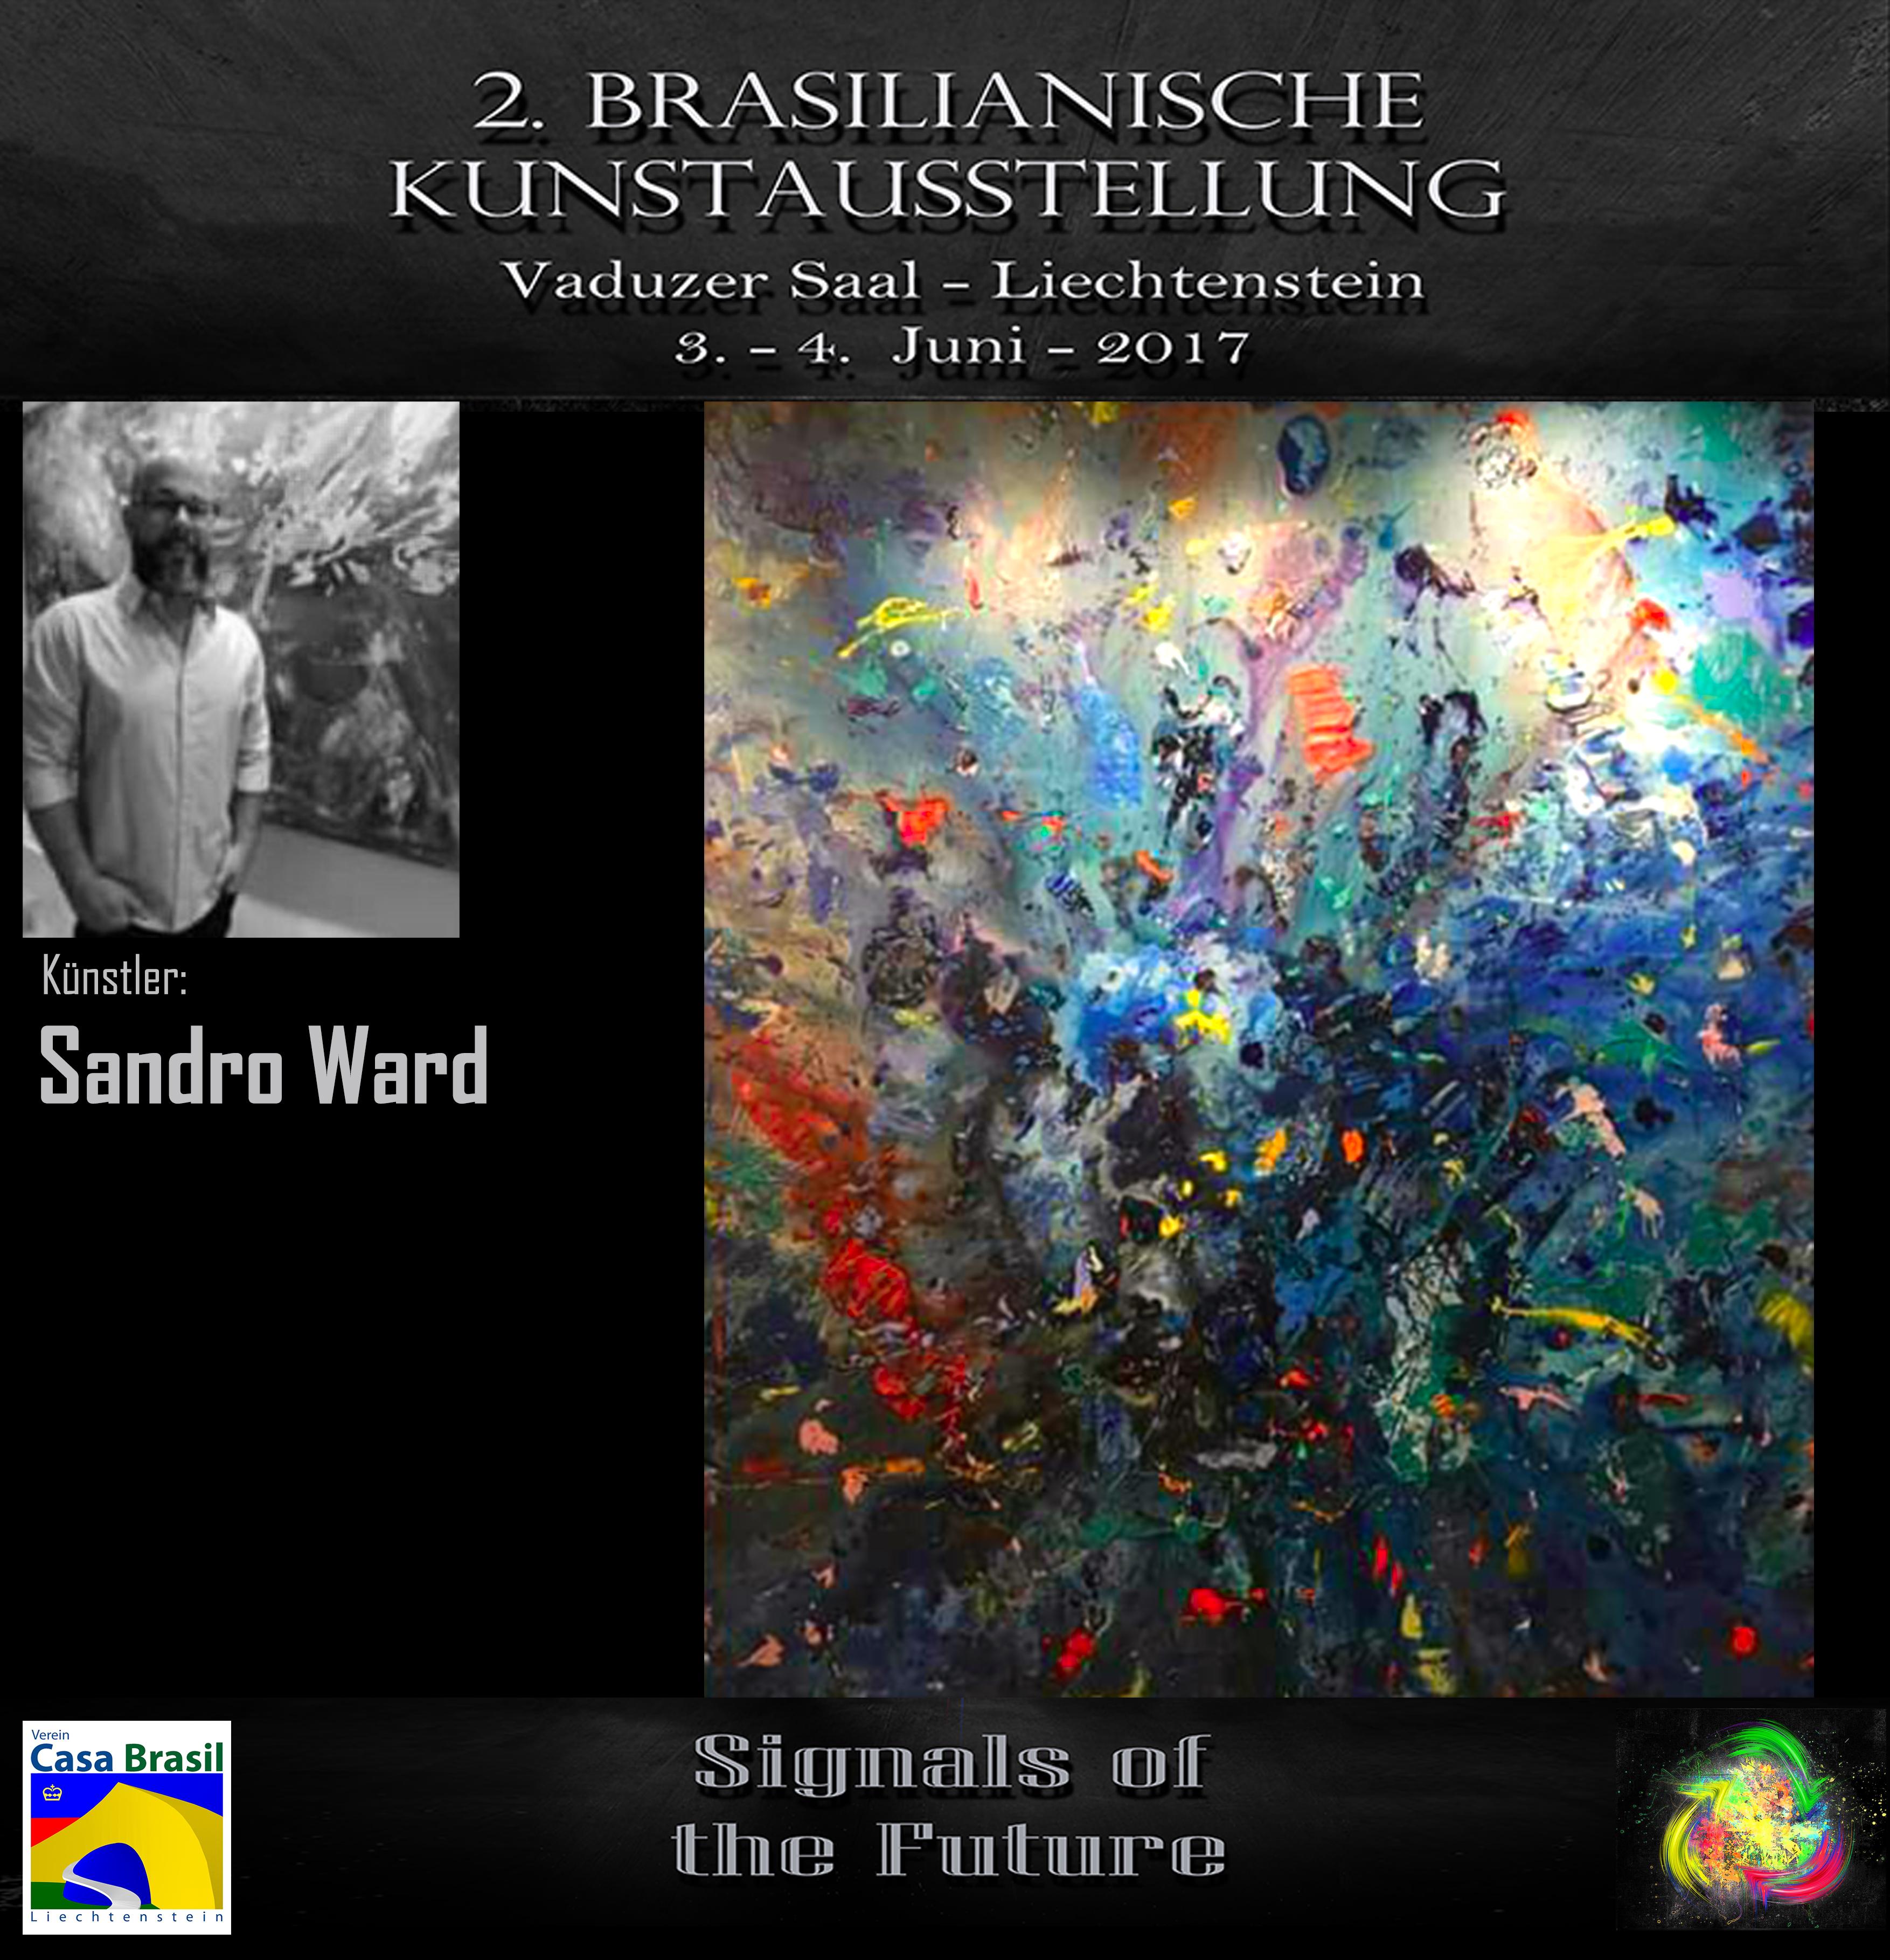 Sandro Ward